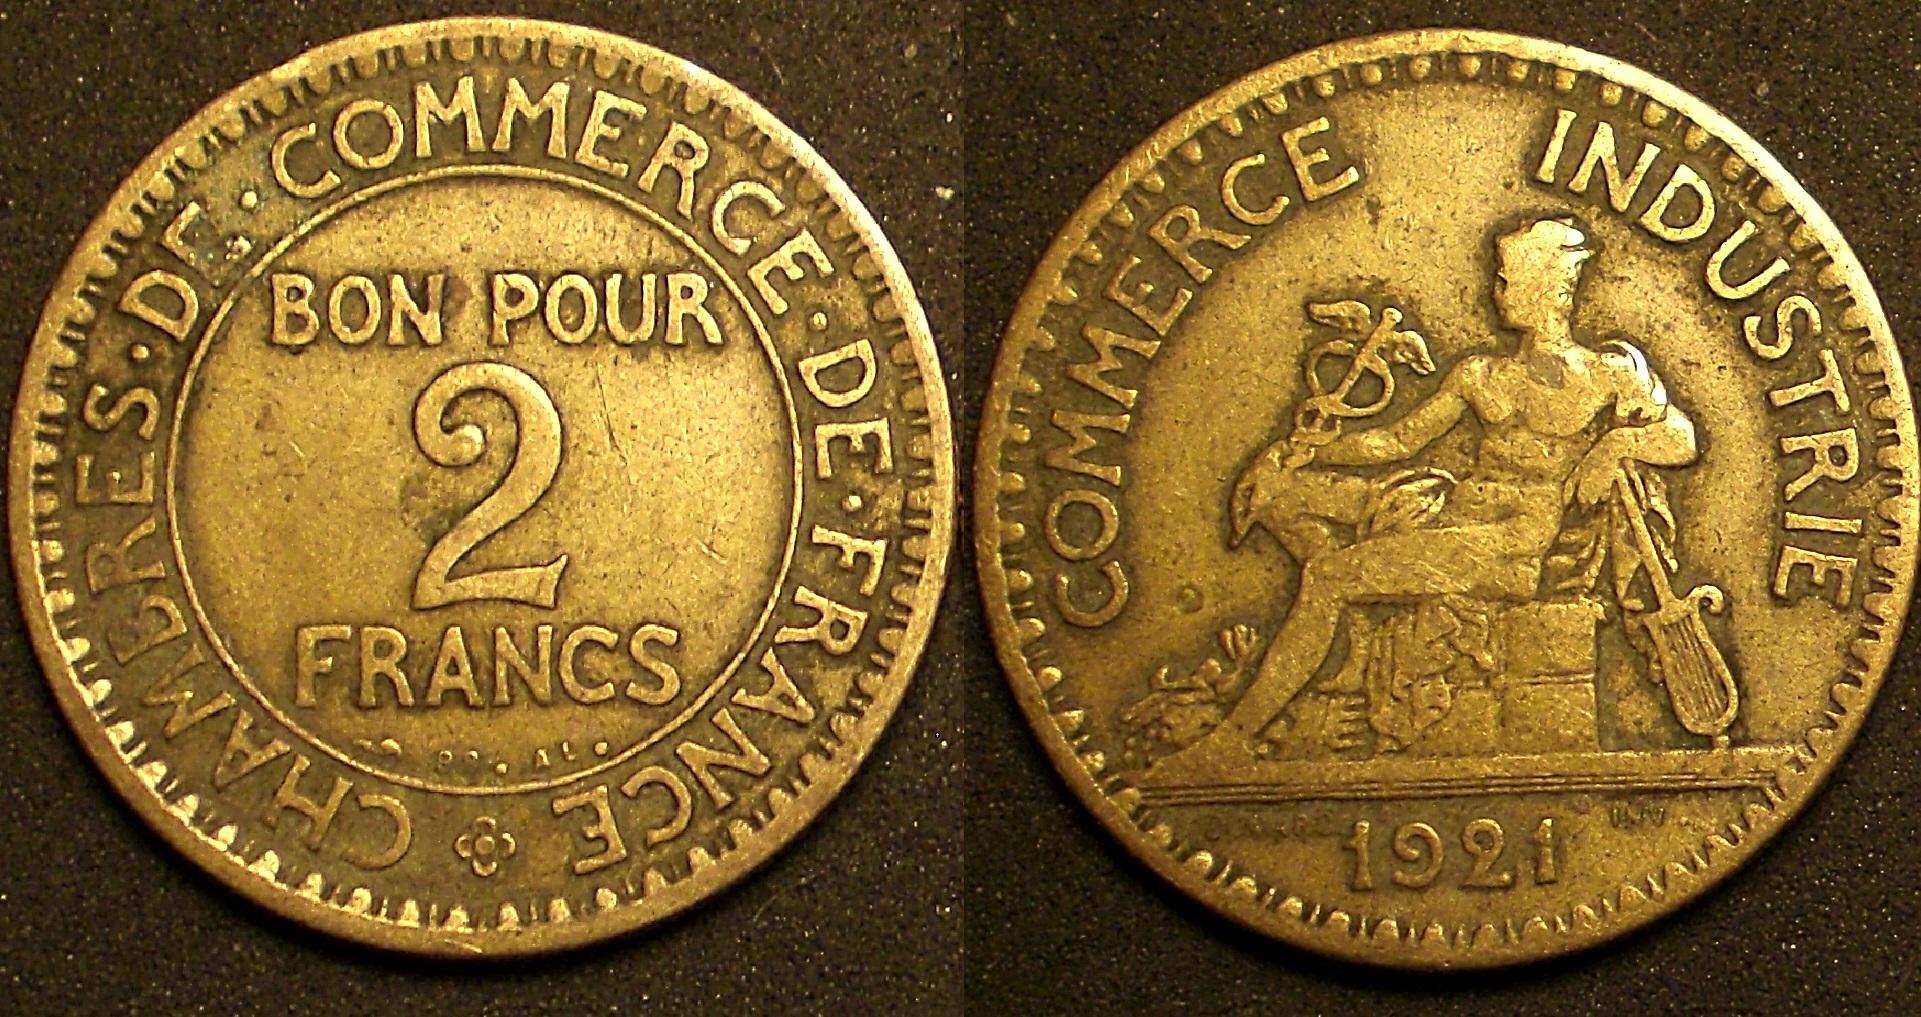 Bon pour 2 francs chambre du commerce 1921 2 ferm for Bon pour 1 franc chambre de commerce